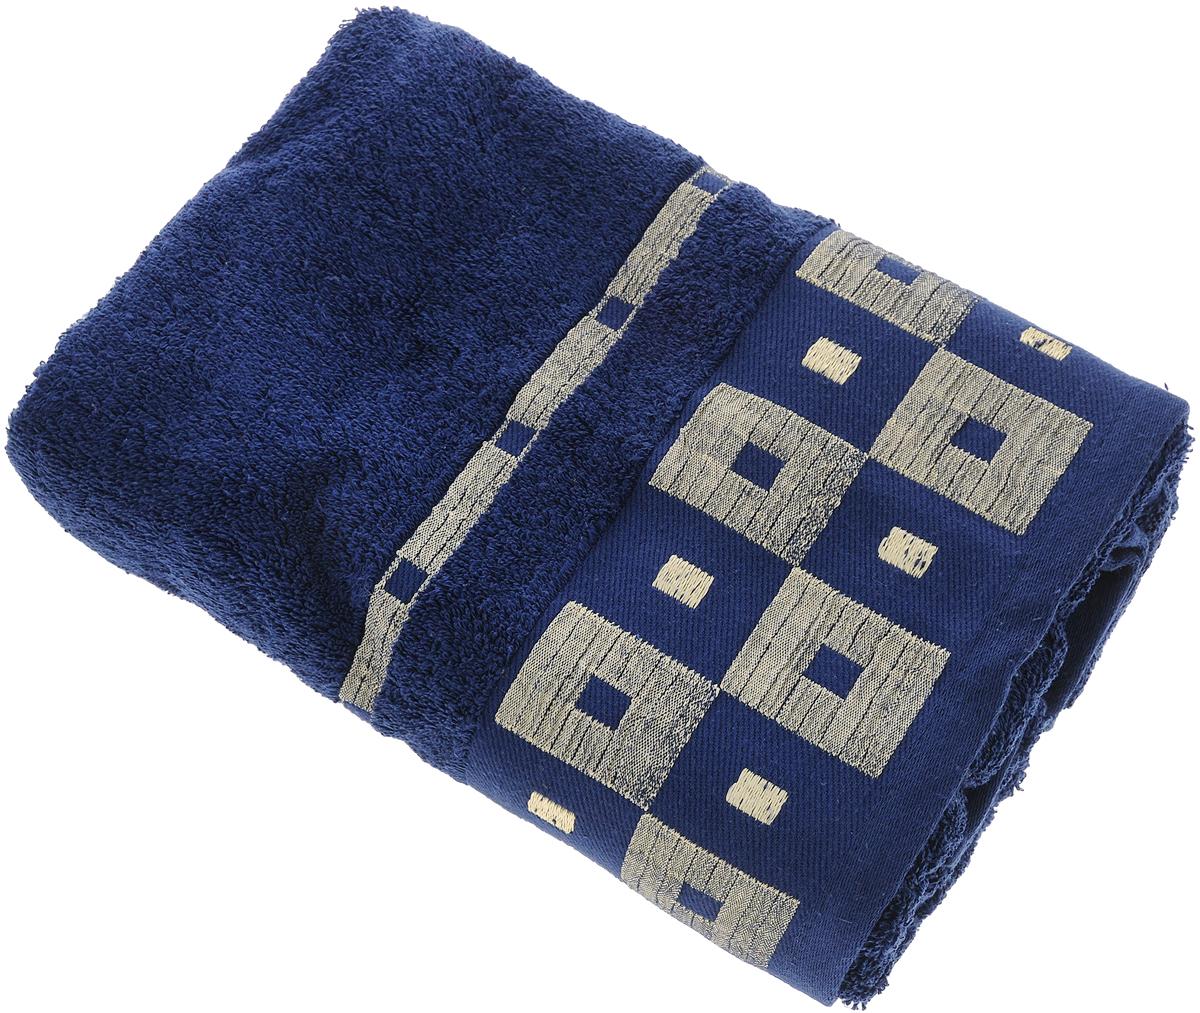 Полотенце Aisha Home Textile, цвет: синий, 70 х 140 смKOC_SOL249_G4Махровые полотенца AISHA Home Textile идеальное сочетание цены и качества. Полотенца упакованы в стильную подарочную коробку. В состав входит только натуральное волокно - хлопок. Лаконичные бордюры подойдут для любого интерьера ванной комнаты. Полотенца прекрасно впитывает влагу и быстро сохнут. При соблюдении рекомендаций по уходу не линяют и не теряют форму даже после многократных стирок.Состав: 100% хлопок.